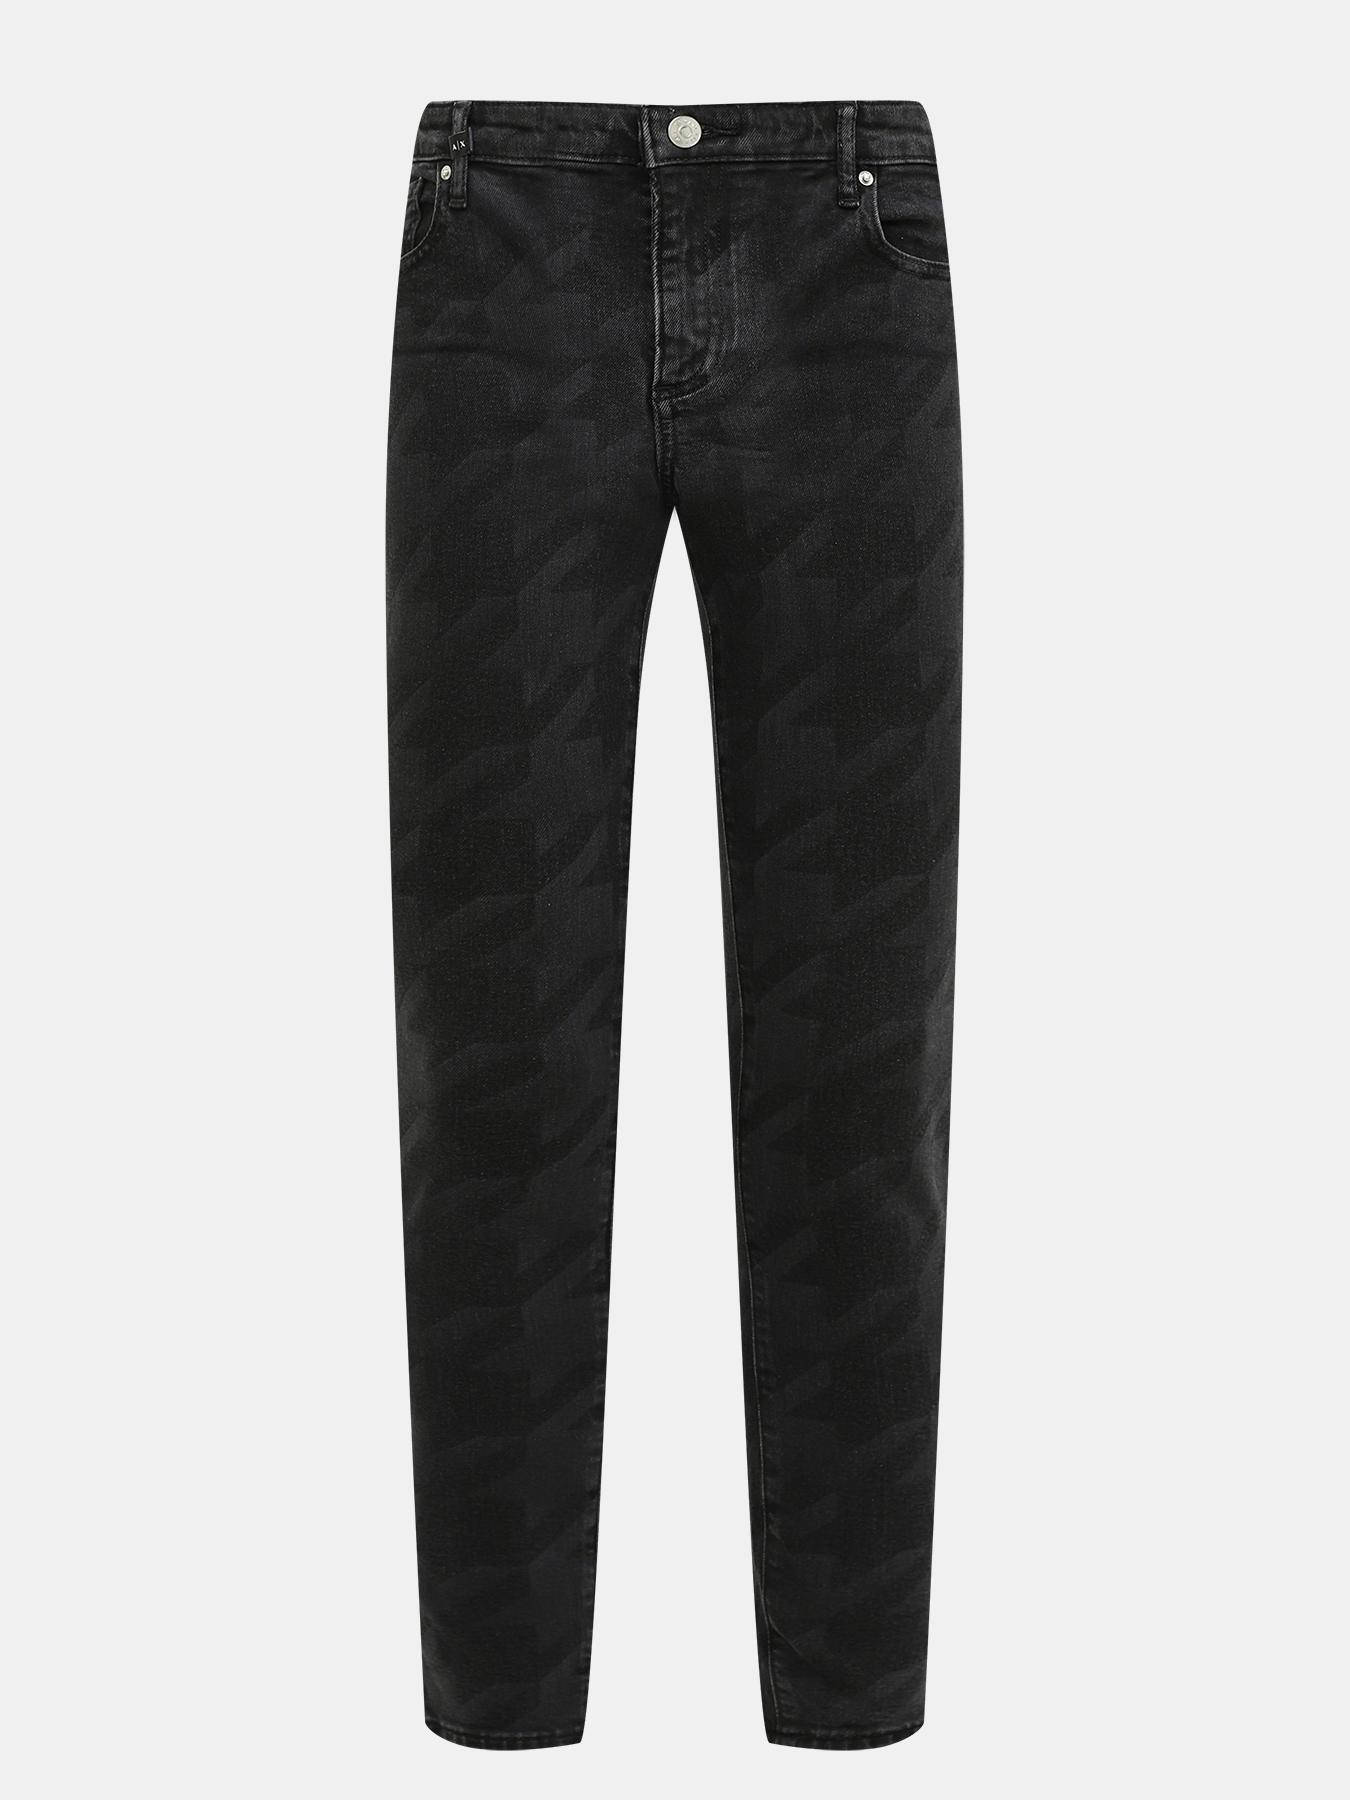 Джинсы Armani Exchange Джинсы брюки armani exchange джинсы с потертостями j27